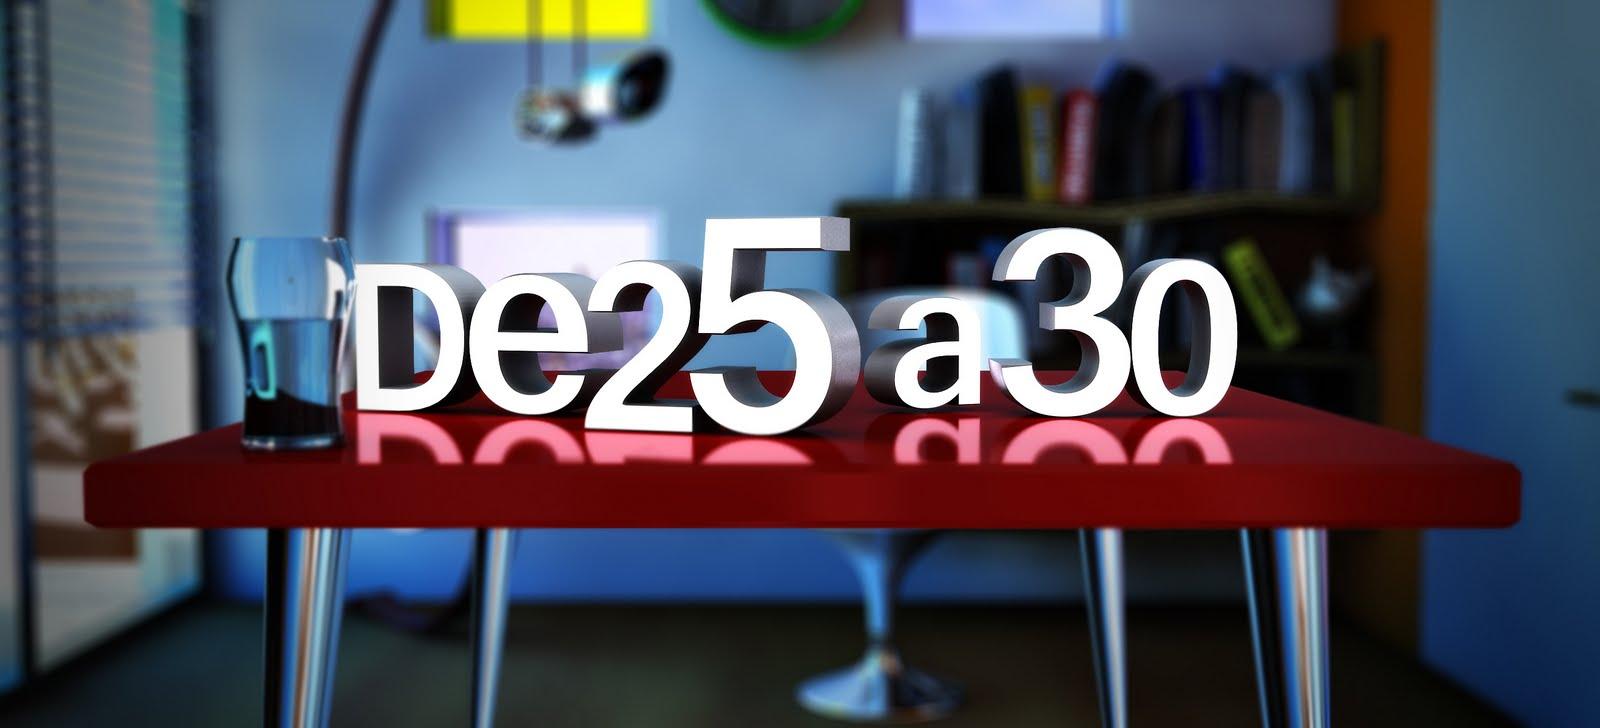 DE 25 A 30